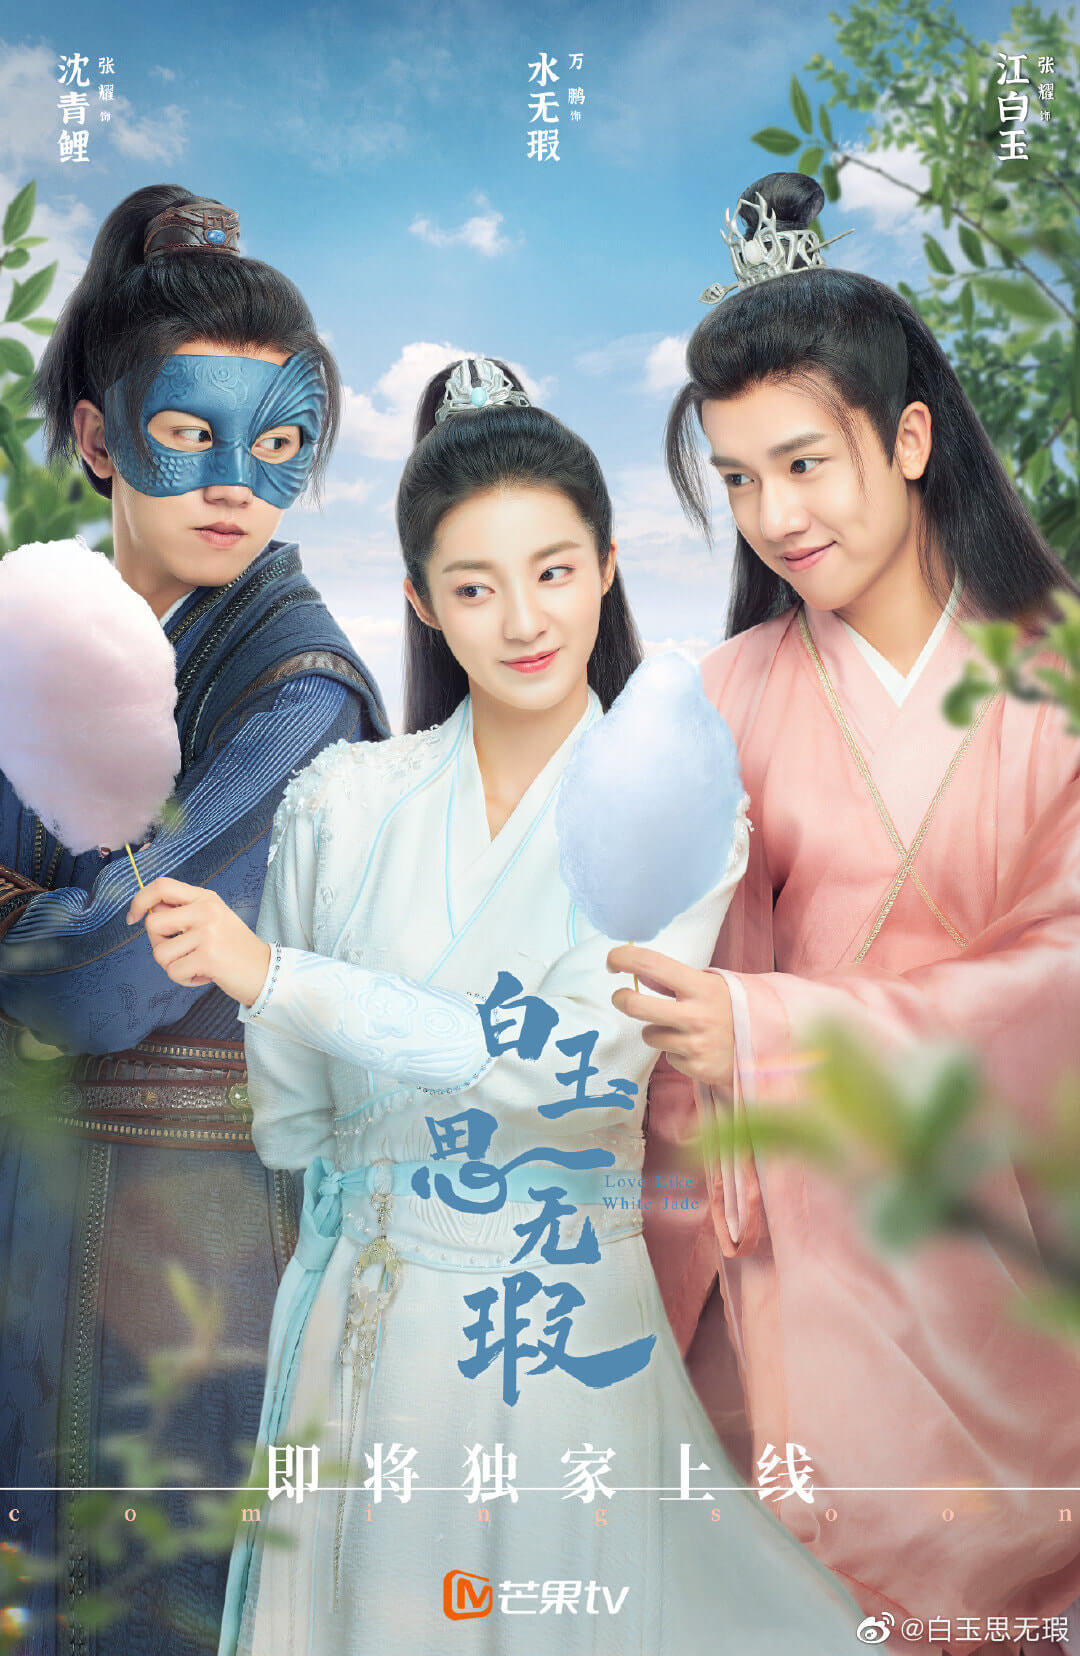 Bạch Ngọc Tư Vô Hà - Love like White Jade (2021)